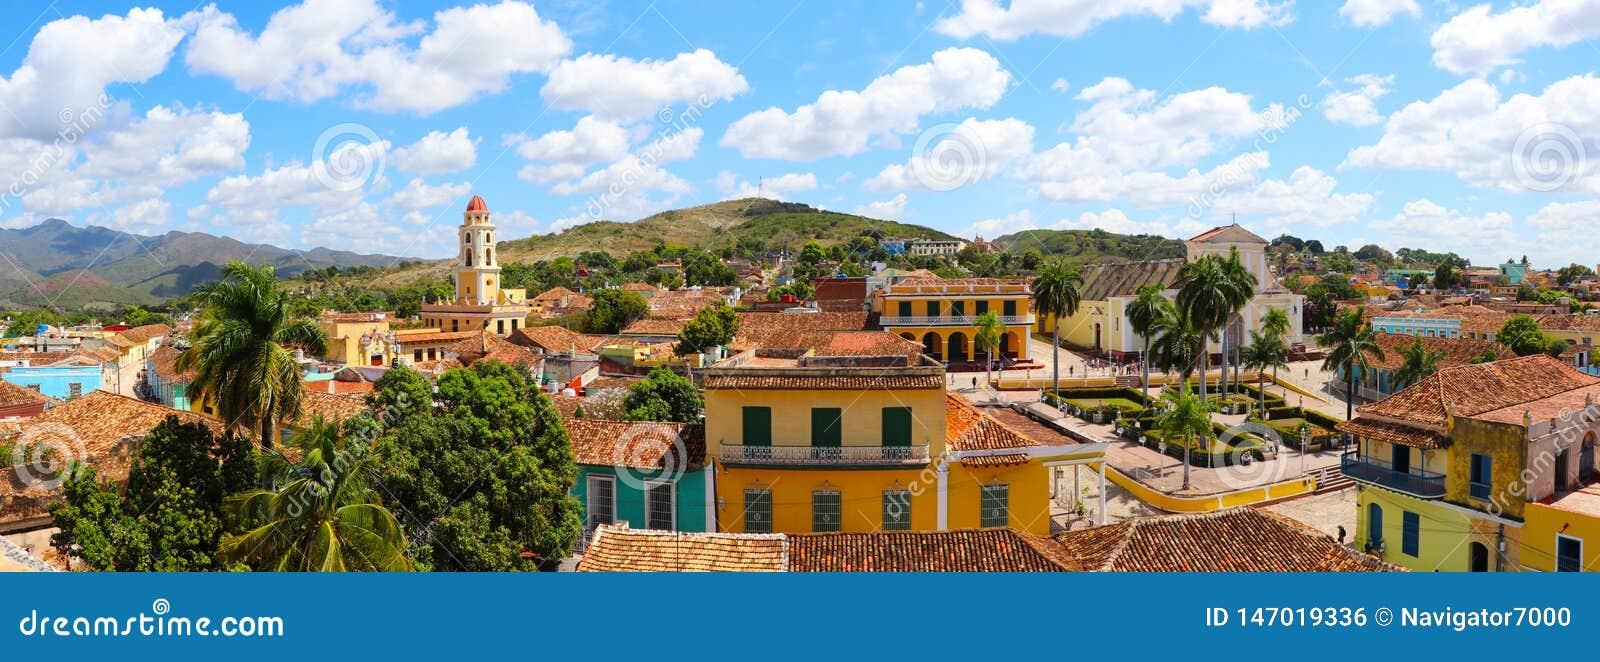 Vue panoramique de vieille ville du Trinidad, Cuba